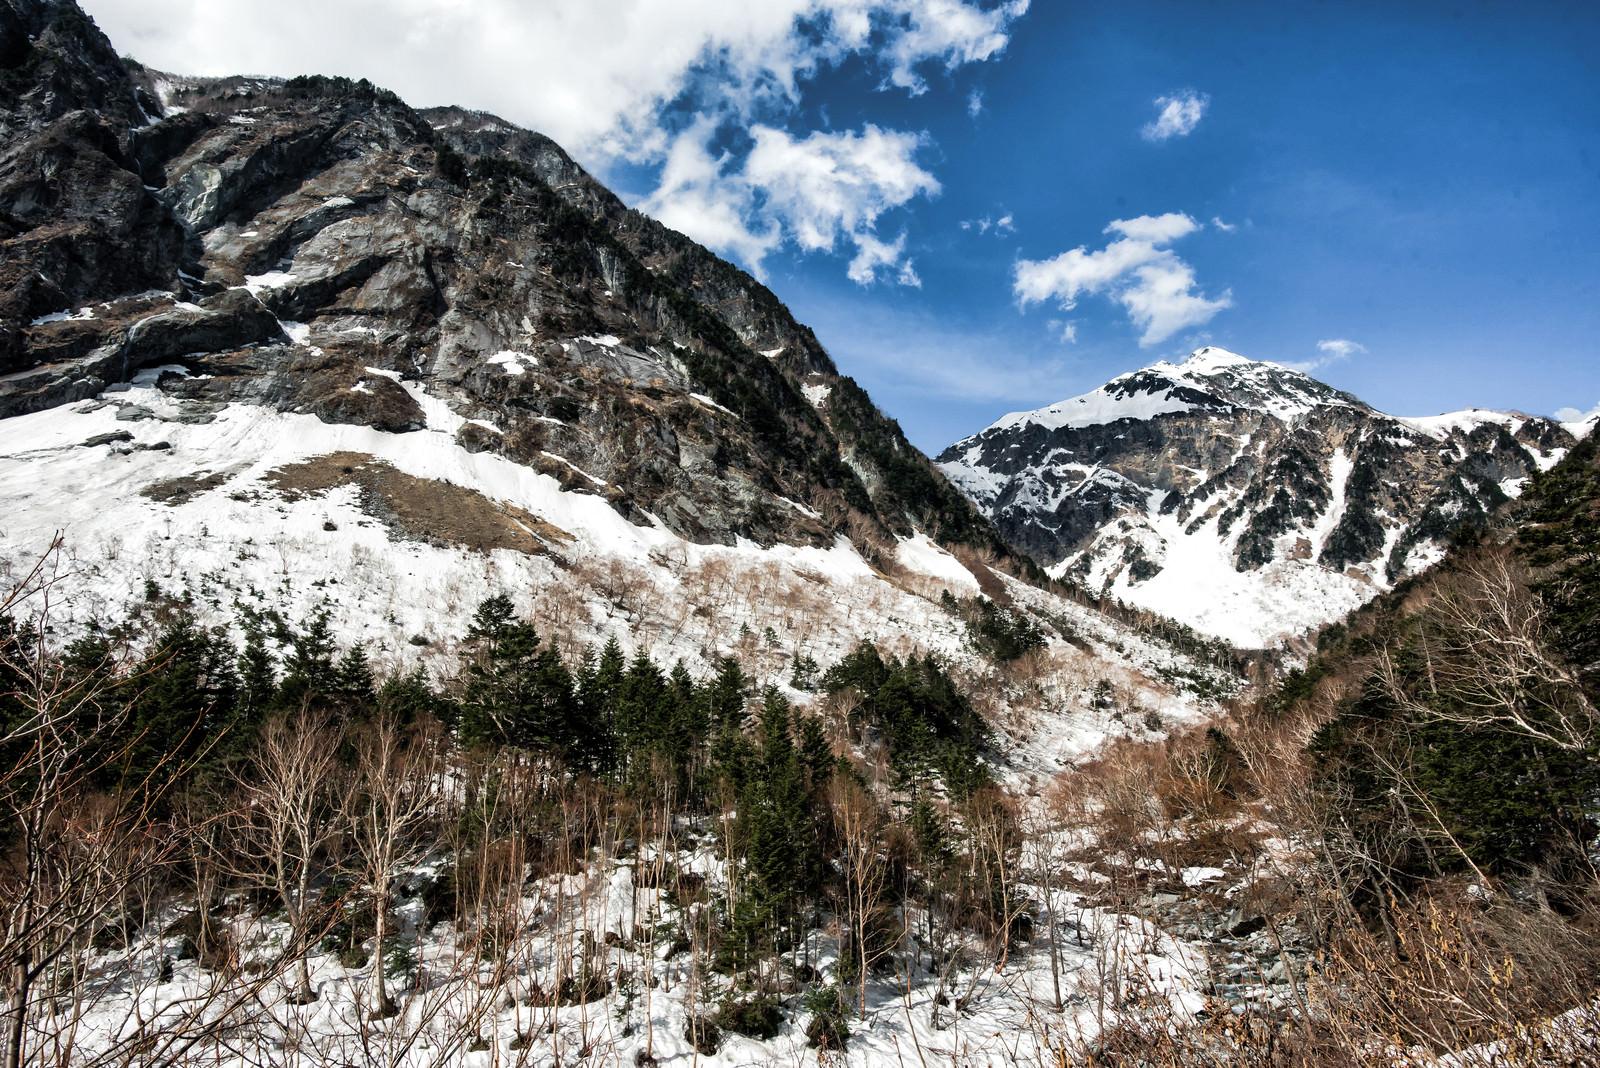 「屏風岩と残雪の北穂高岳(北アルプス)」の写真